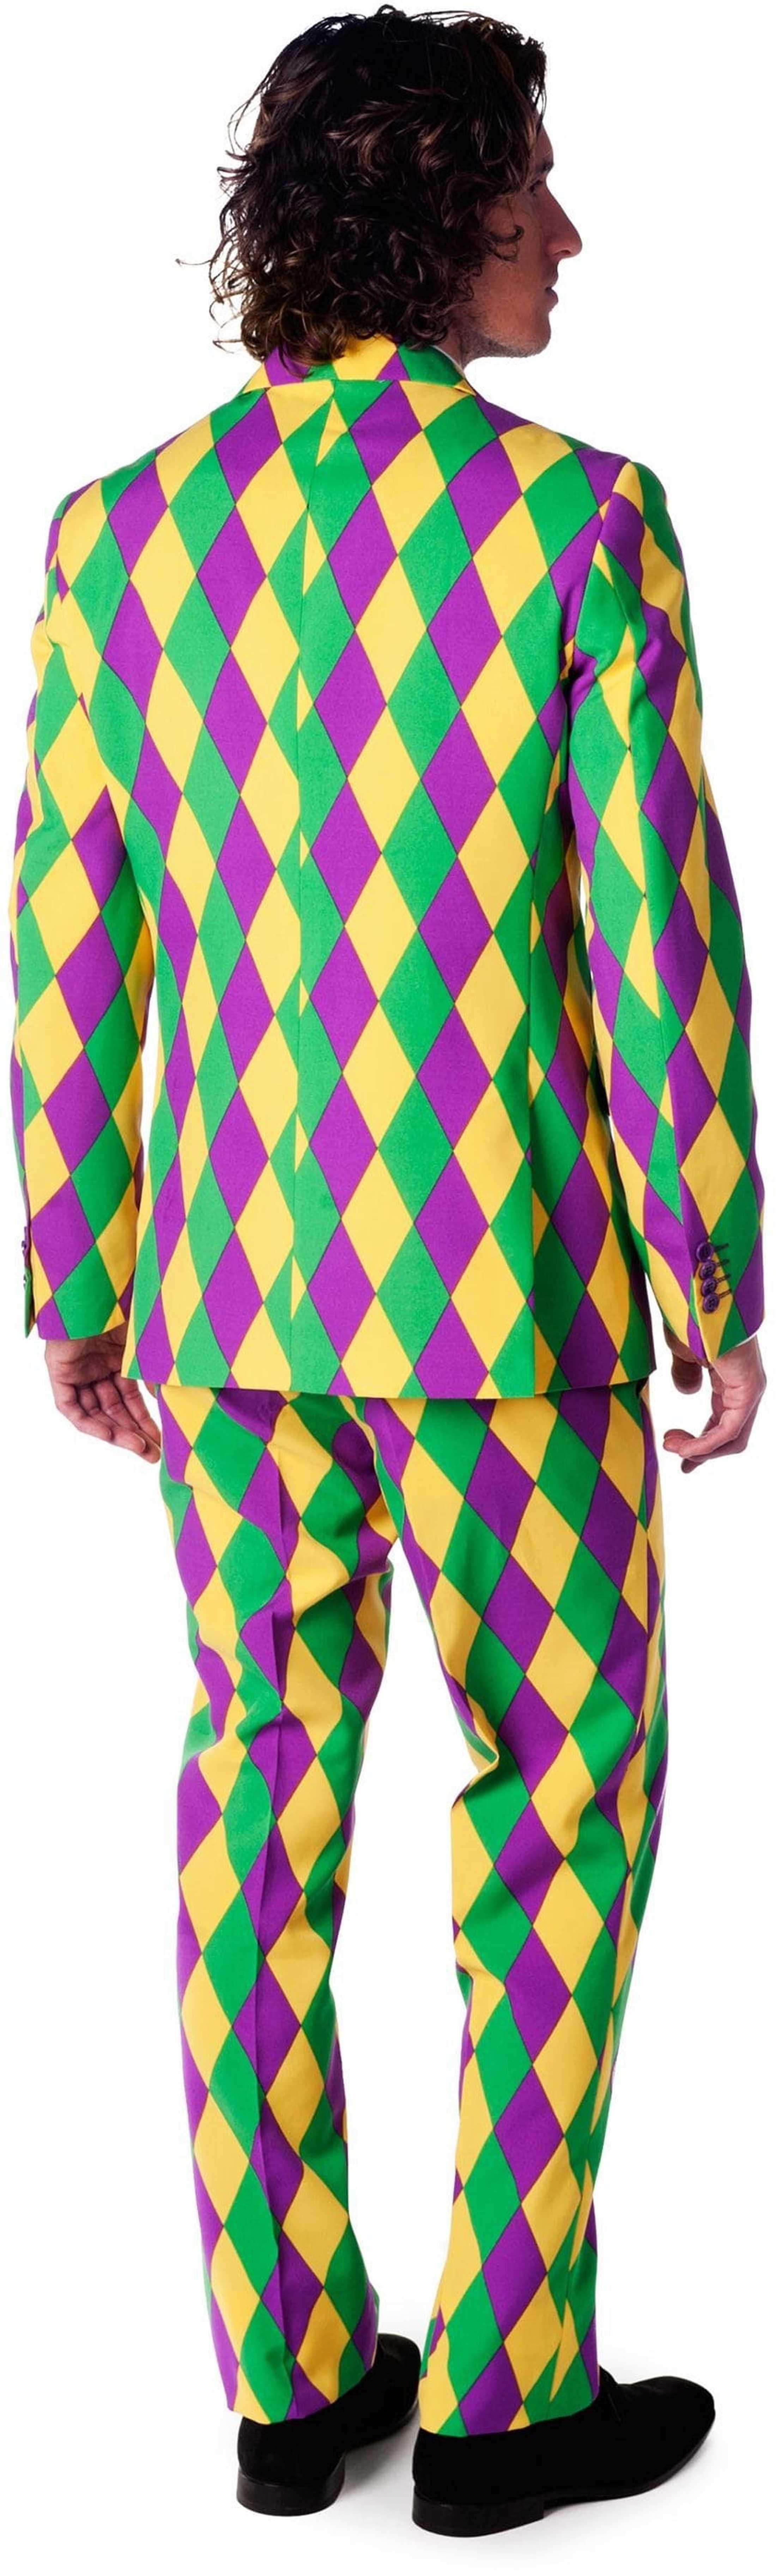 OppoSuits Harleking Kostuum foto 1